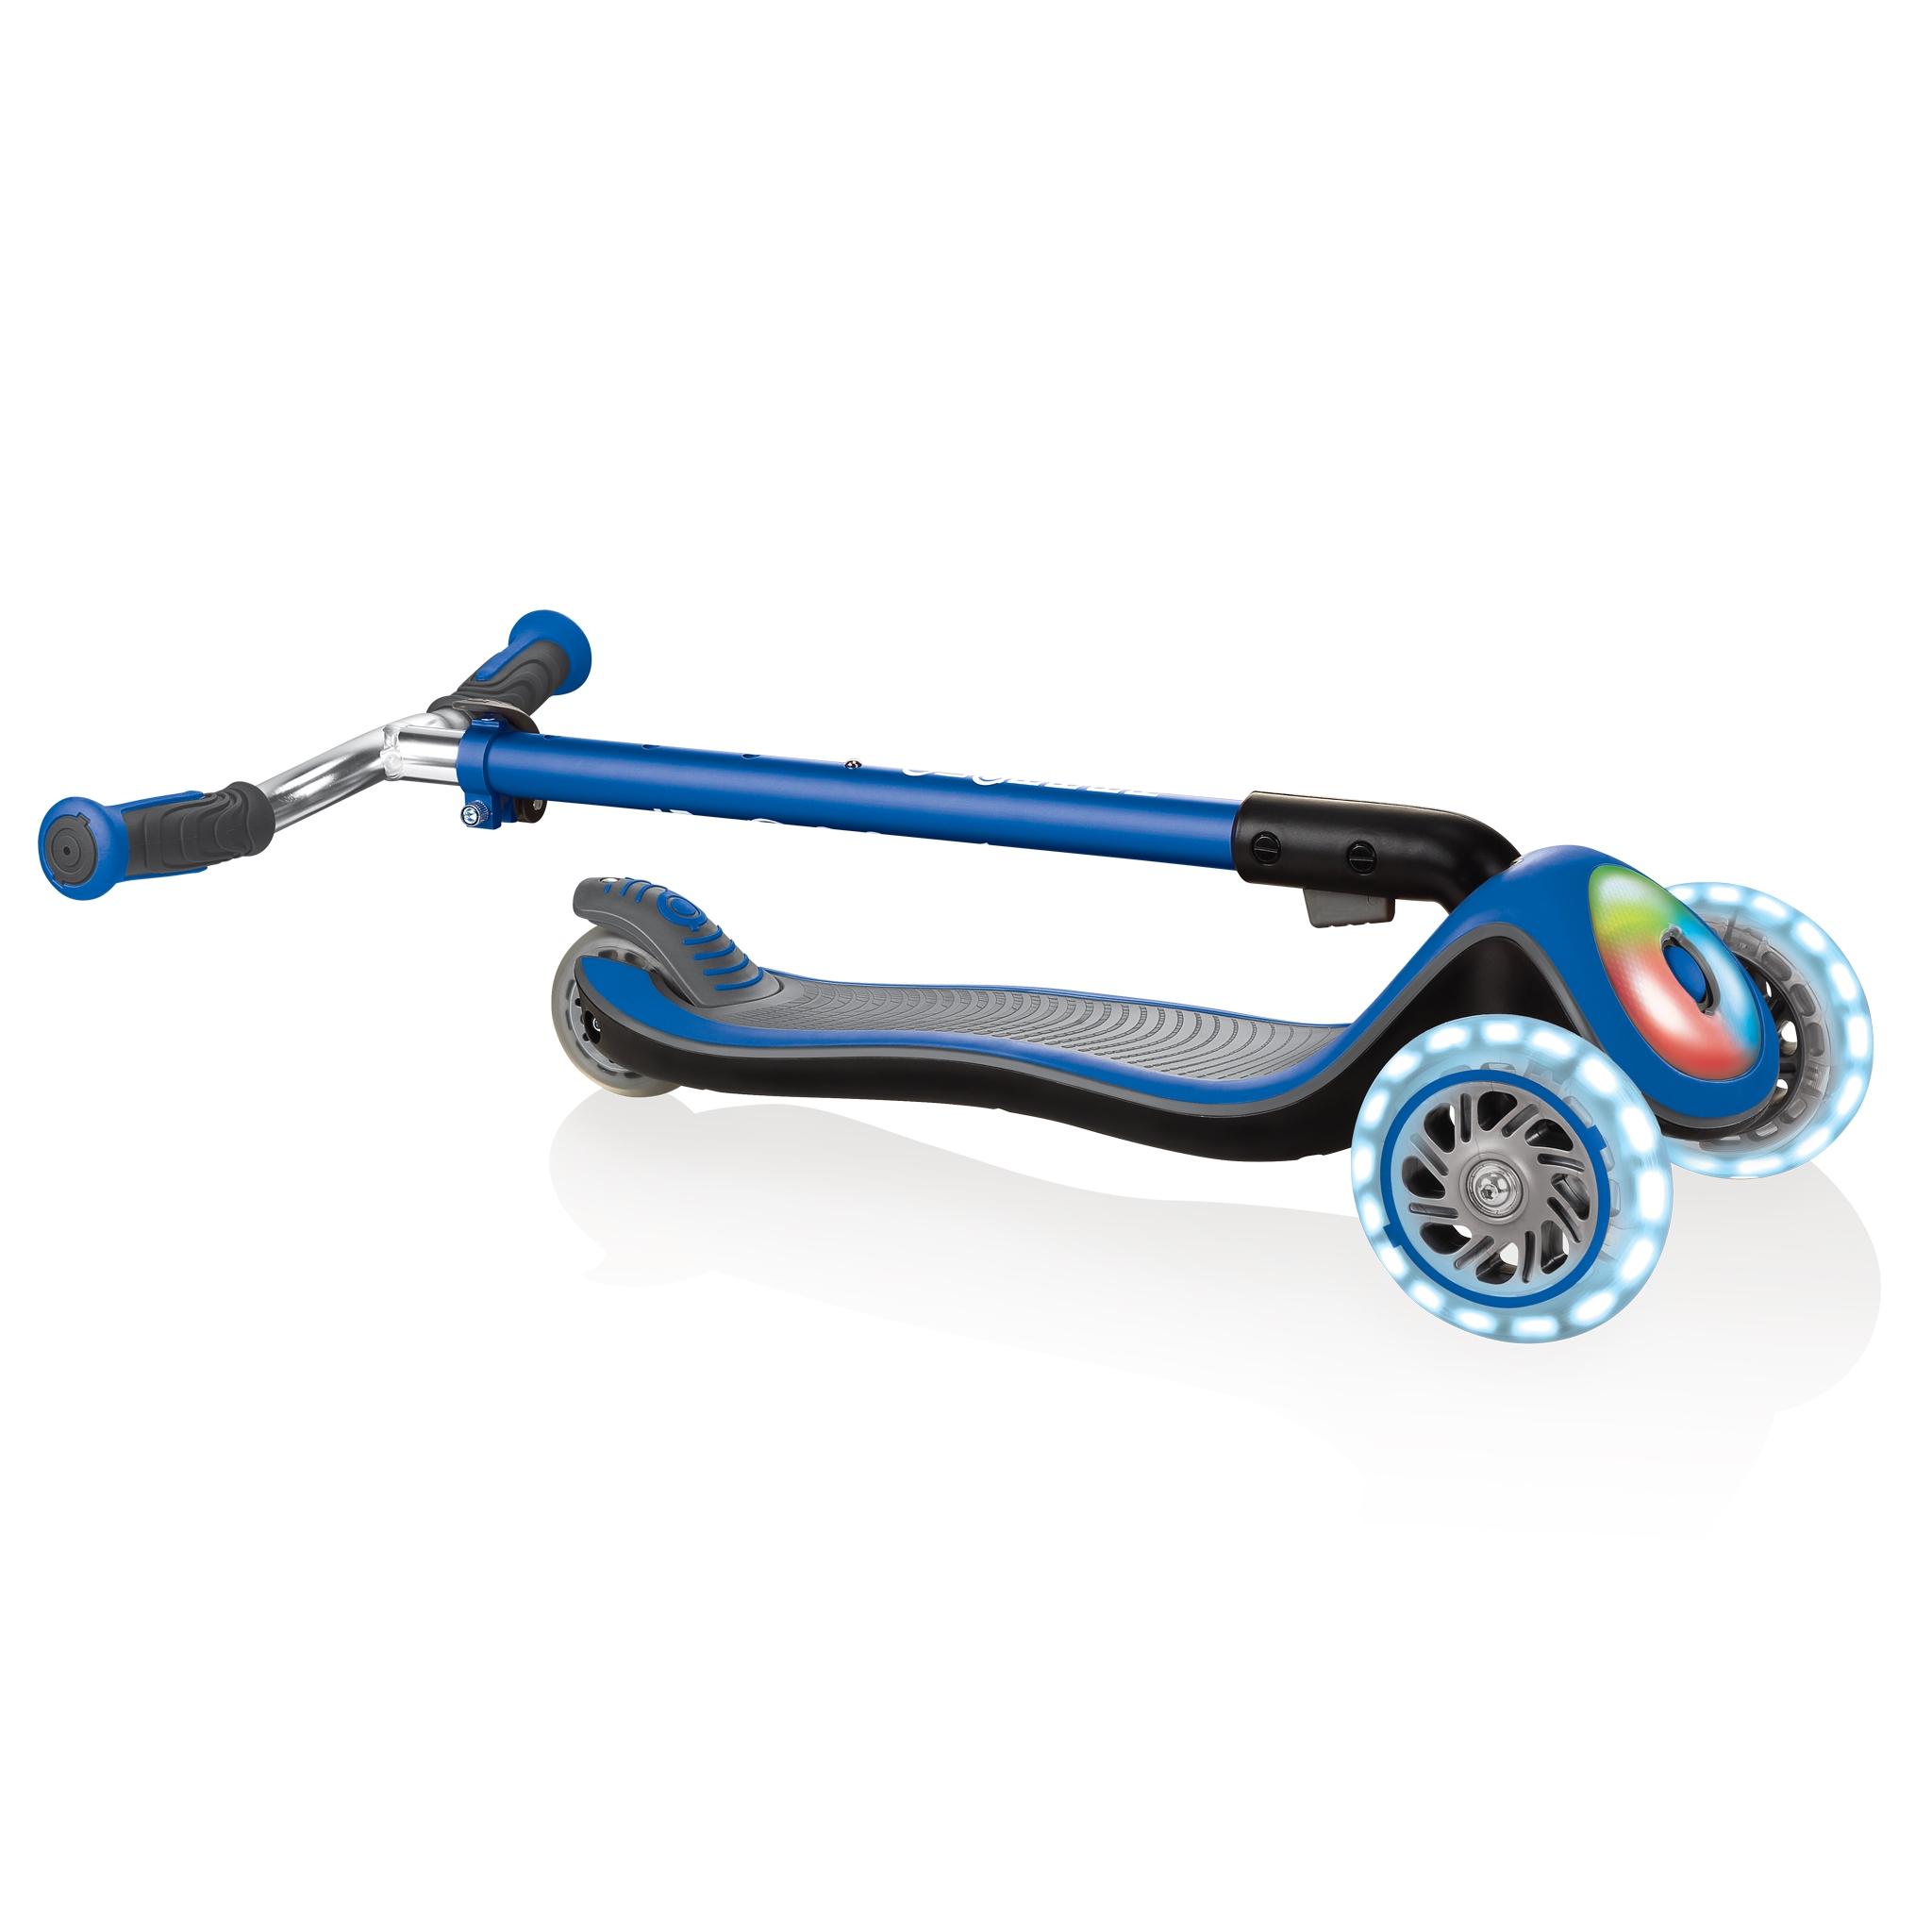 Globber-ELITE-PRIME-easy-foldable-3-wheel-scooter-for-kids-aged-3+-navy-blue 4